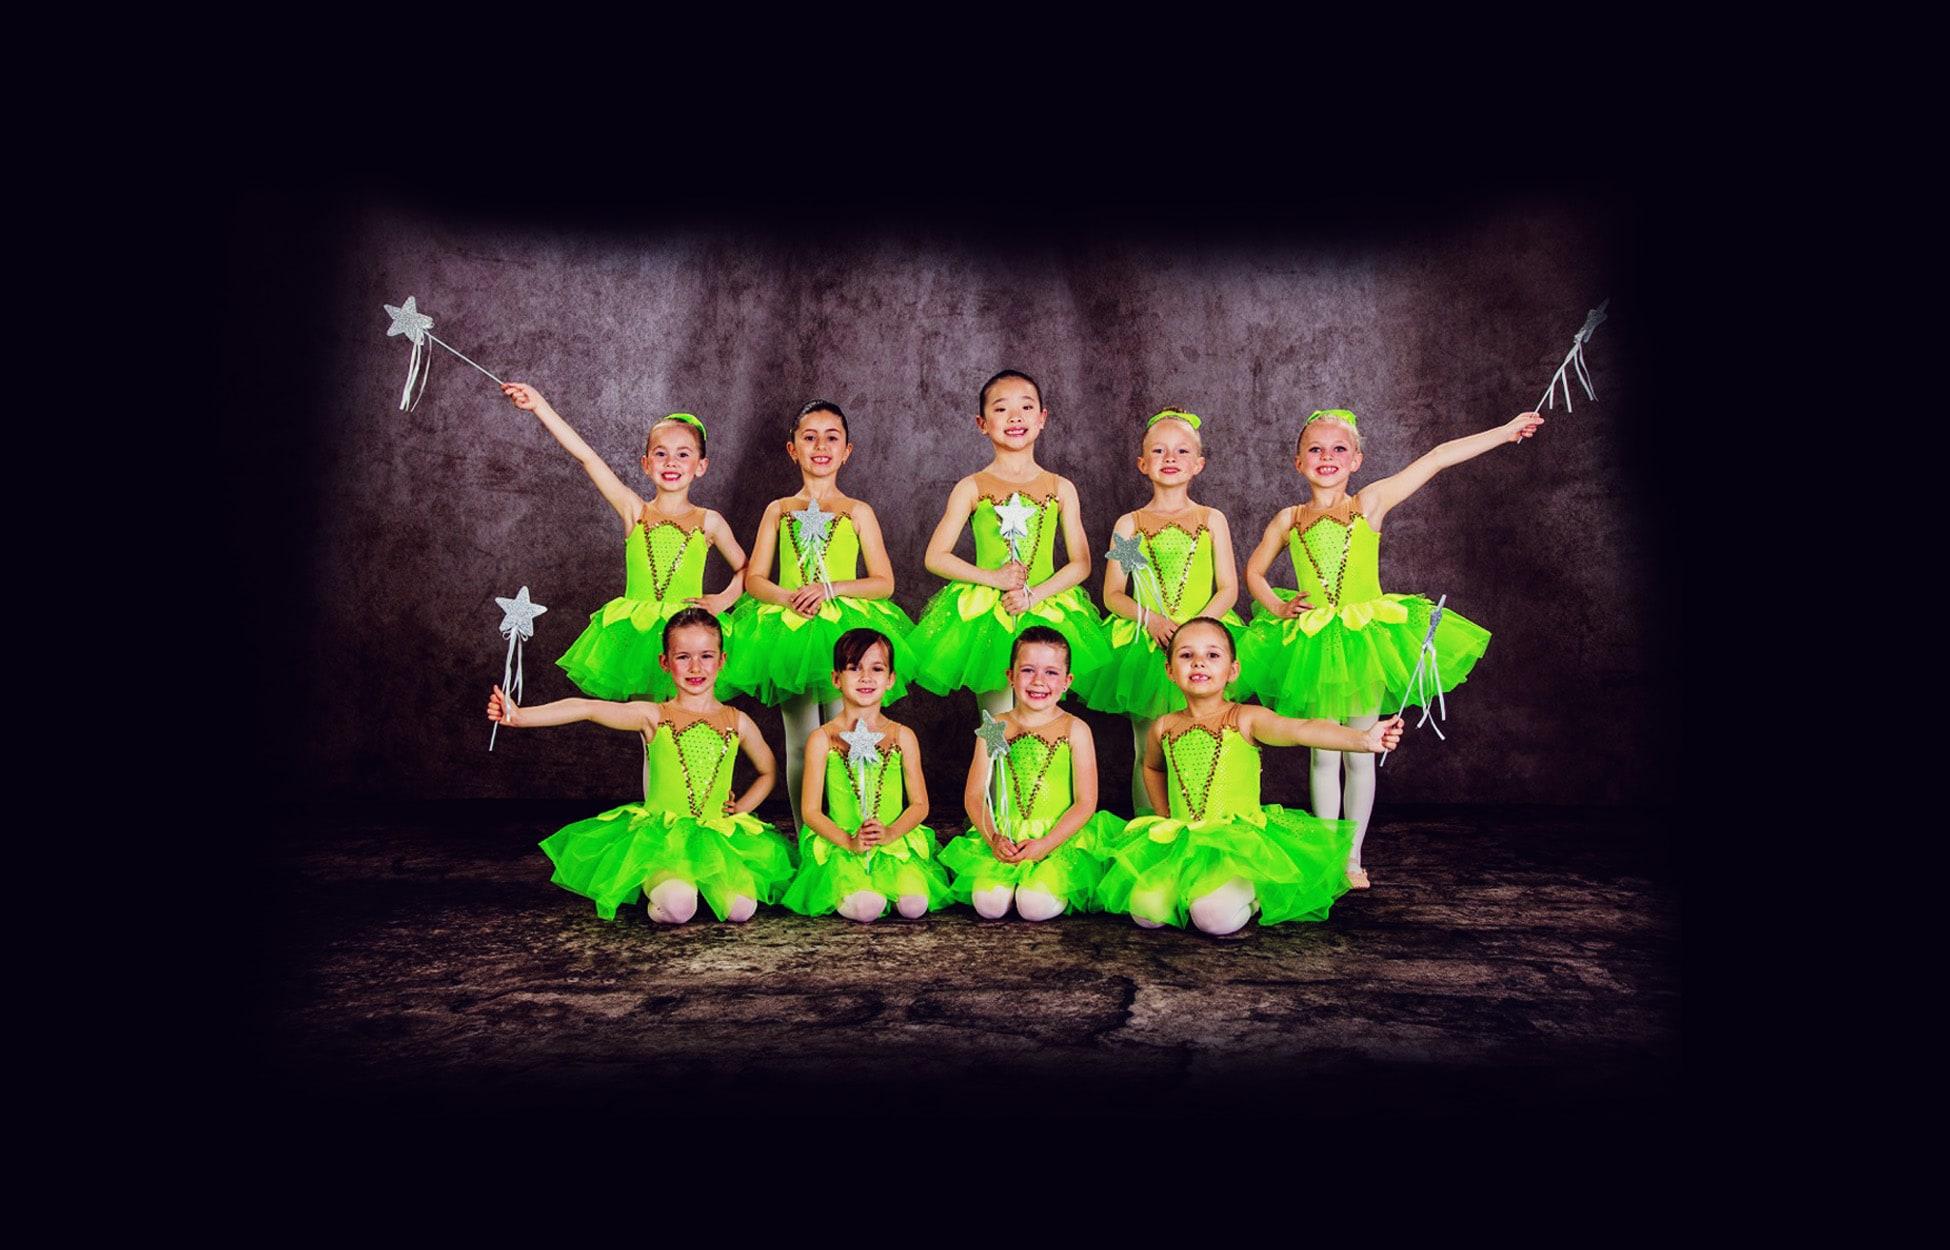 danceco dance school 3